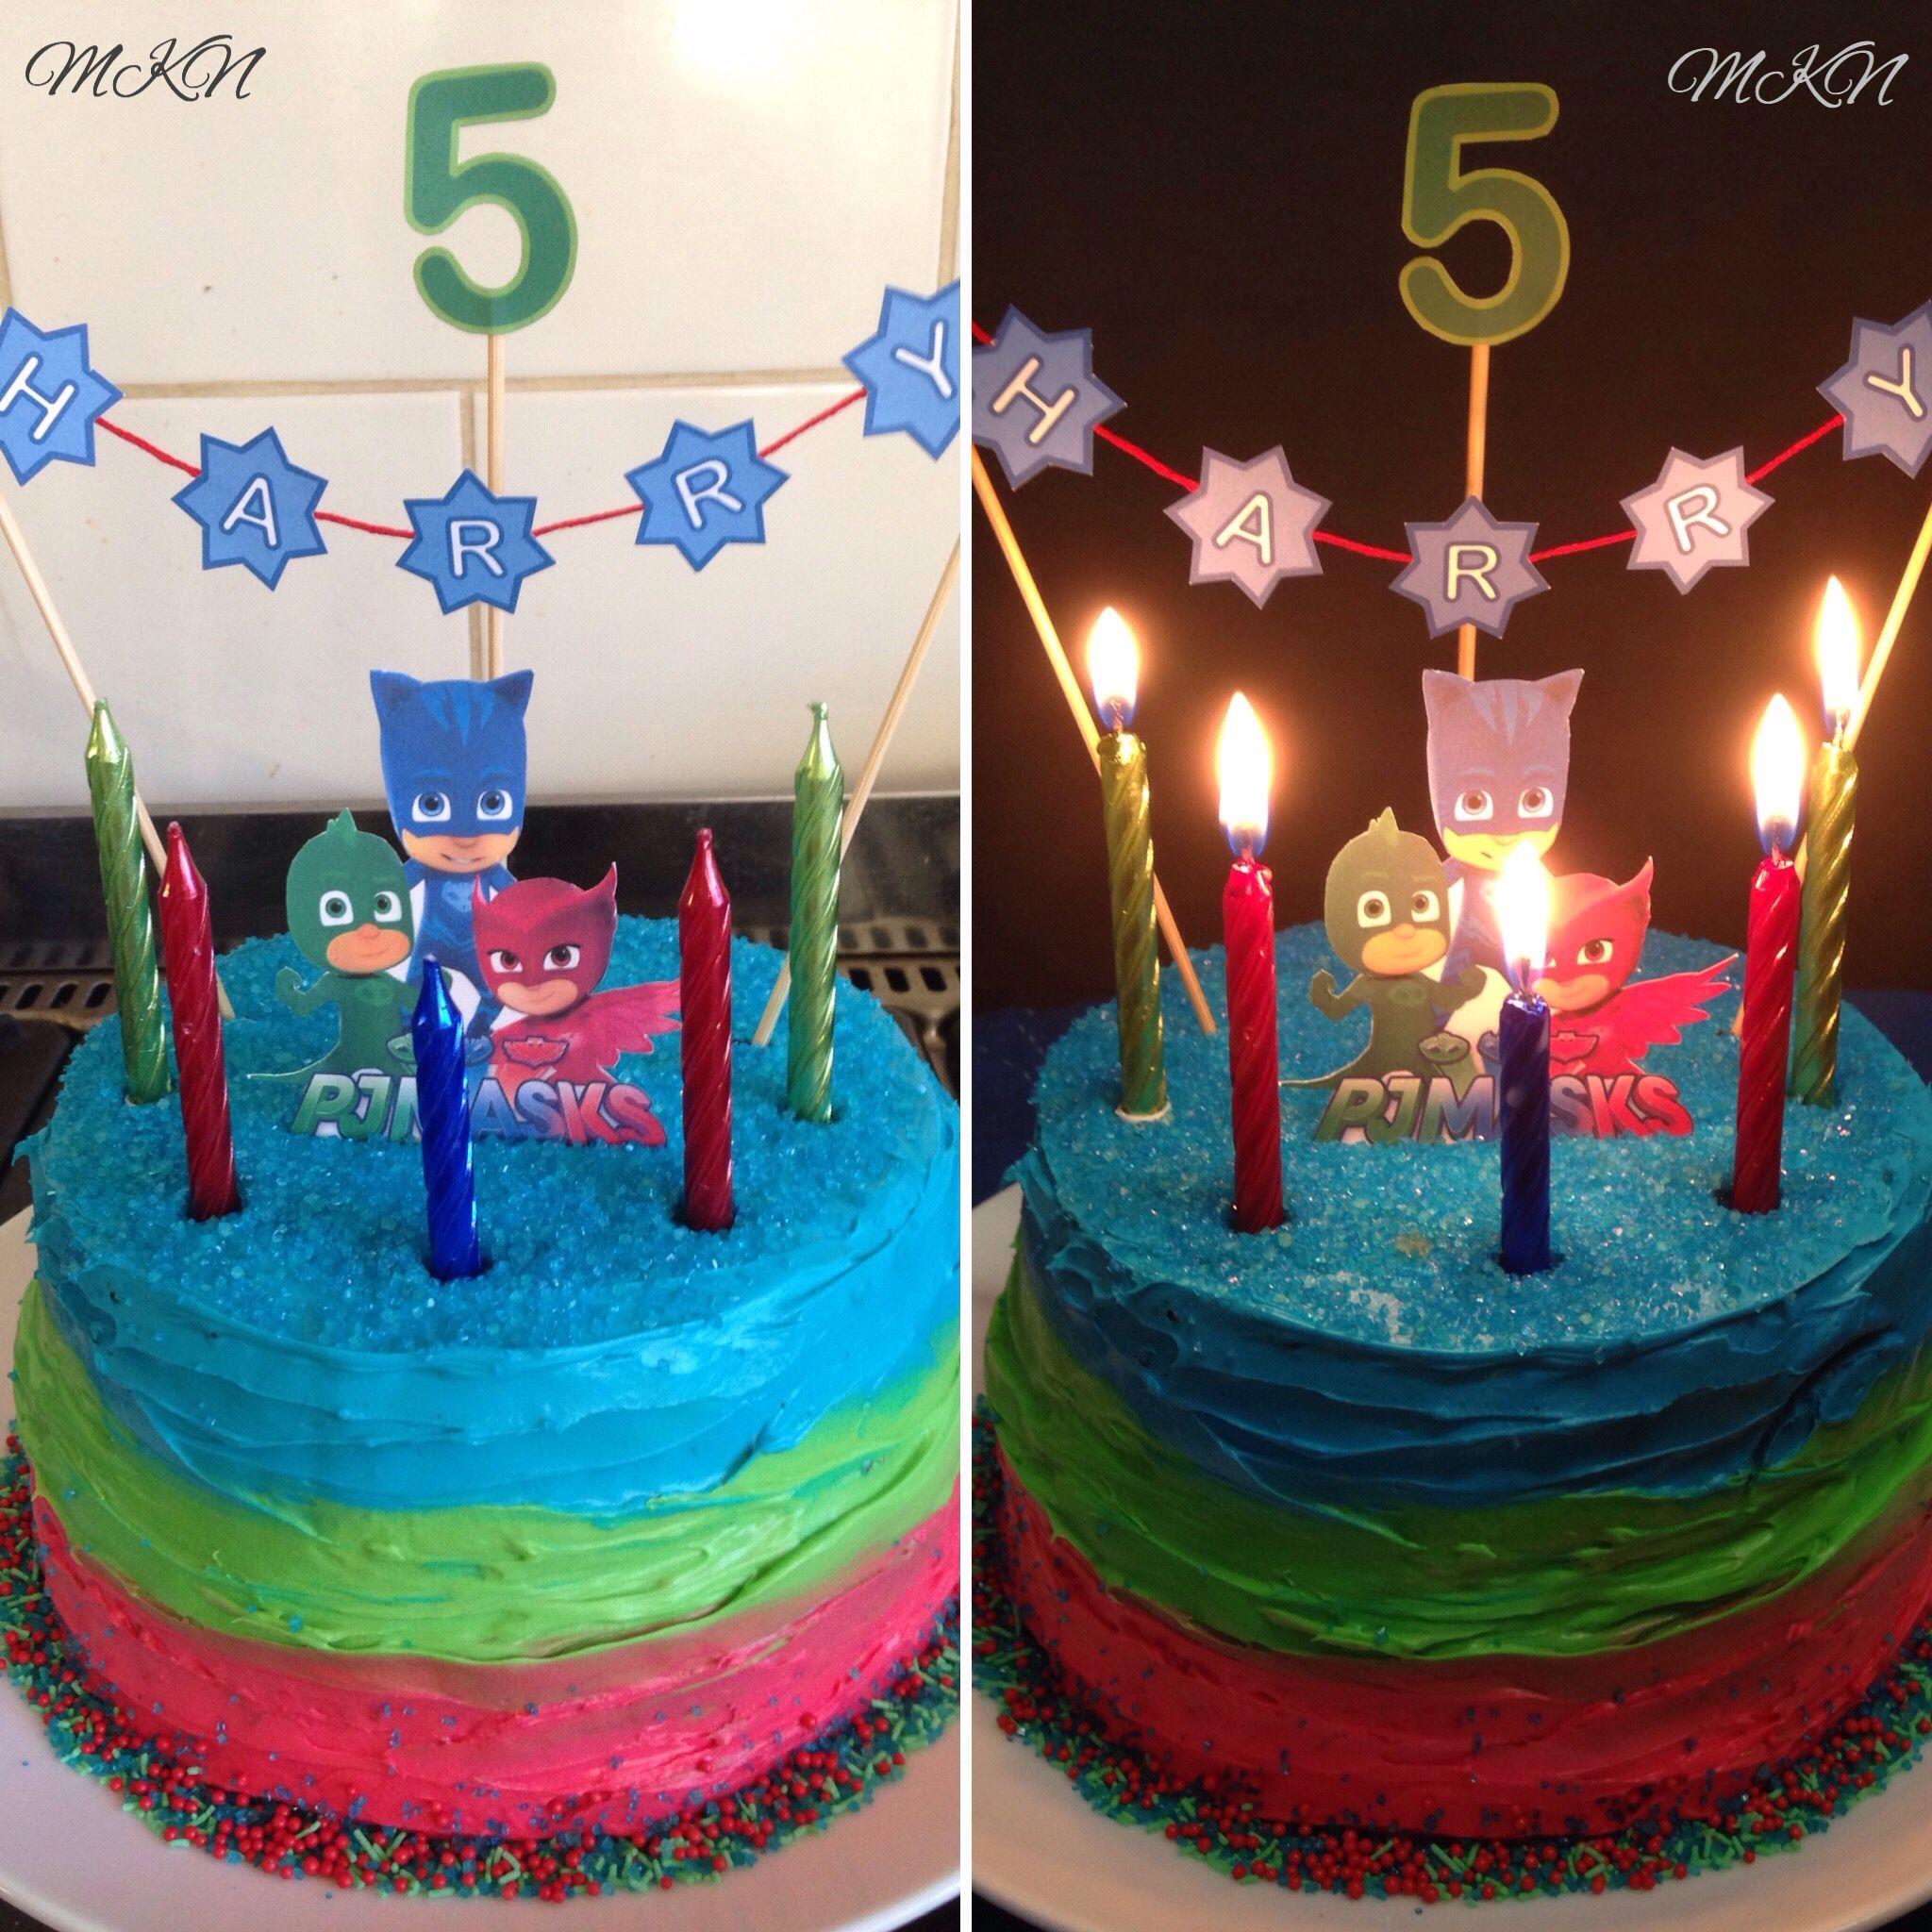 Pj Masks Birthday Cake Fifth Birthday Cake 5th Birthday